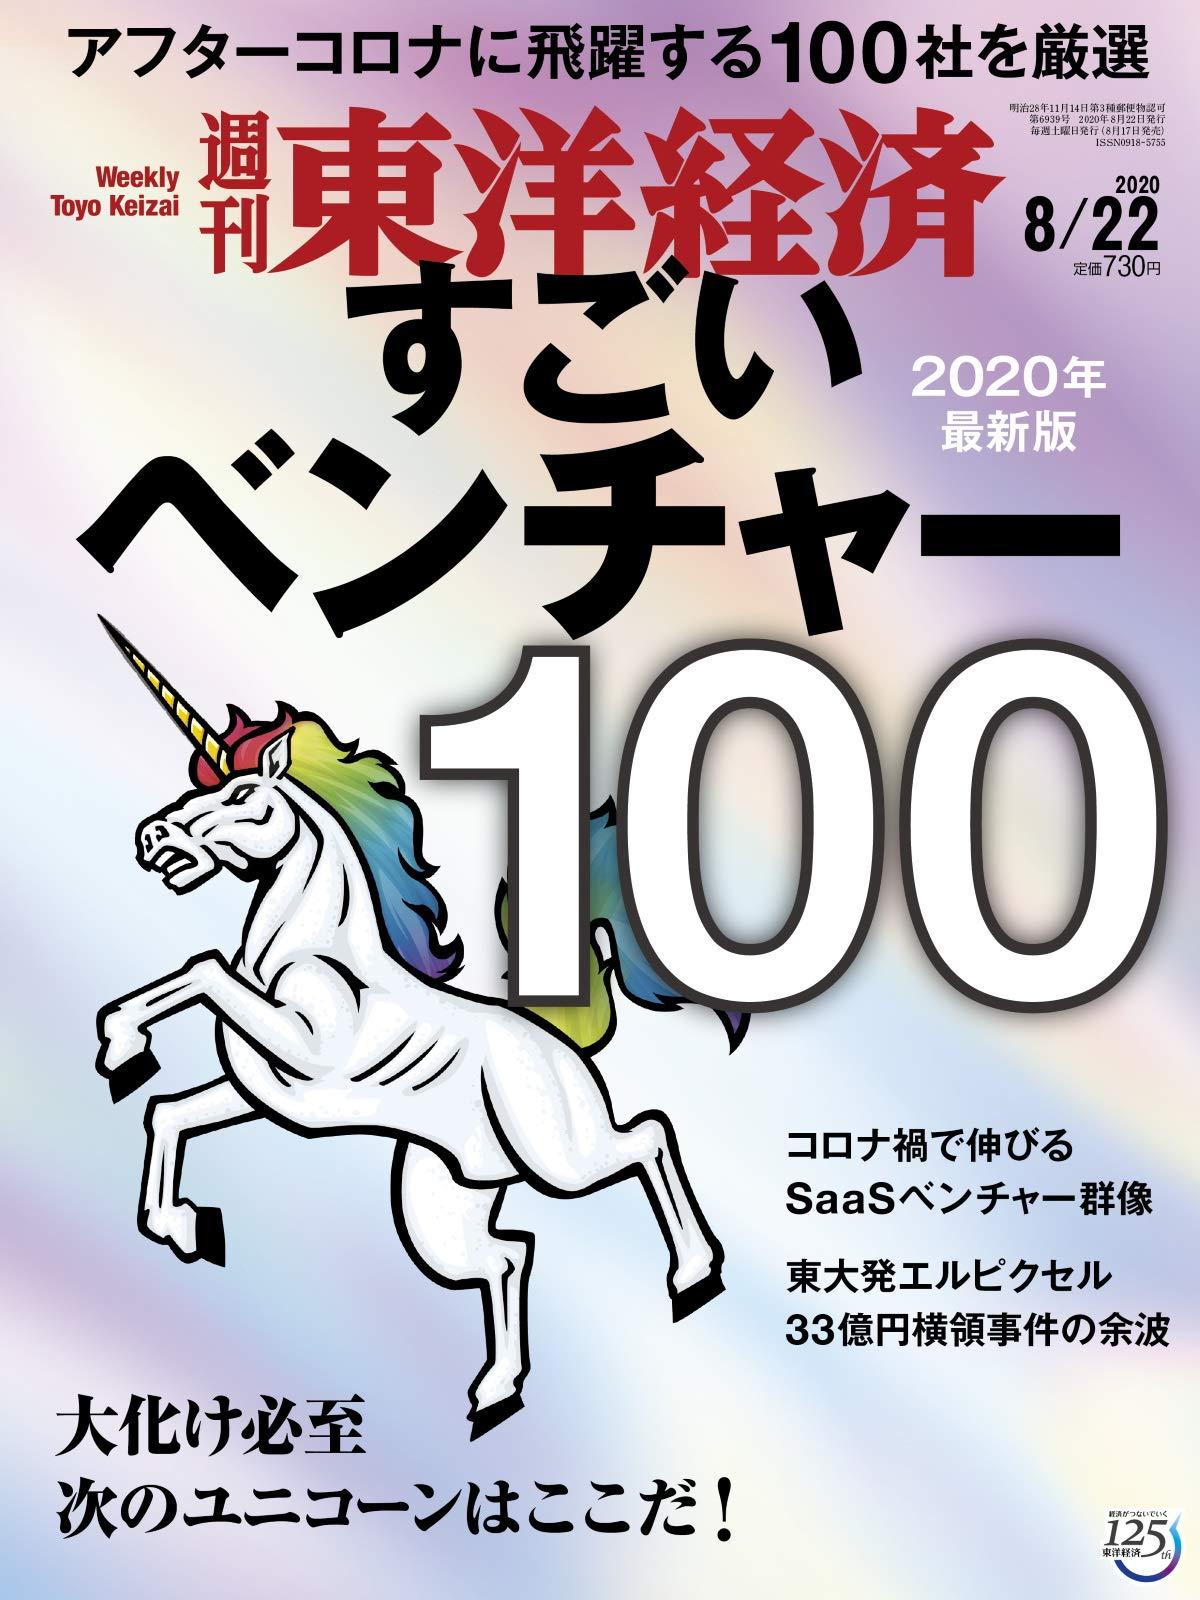 東洋 経済 新聞 コロナ